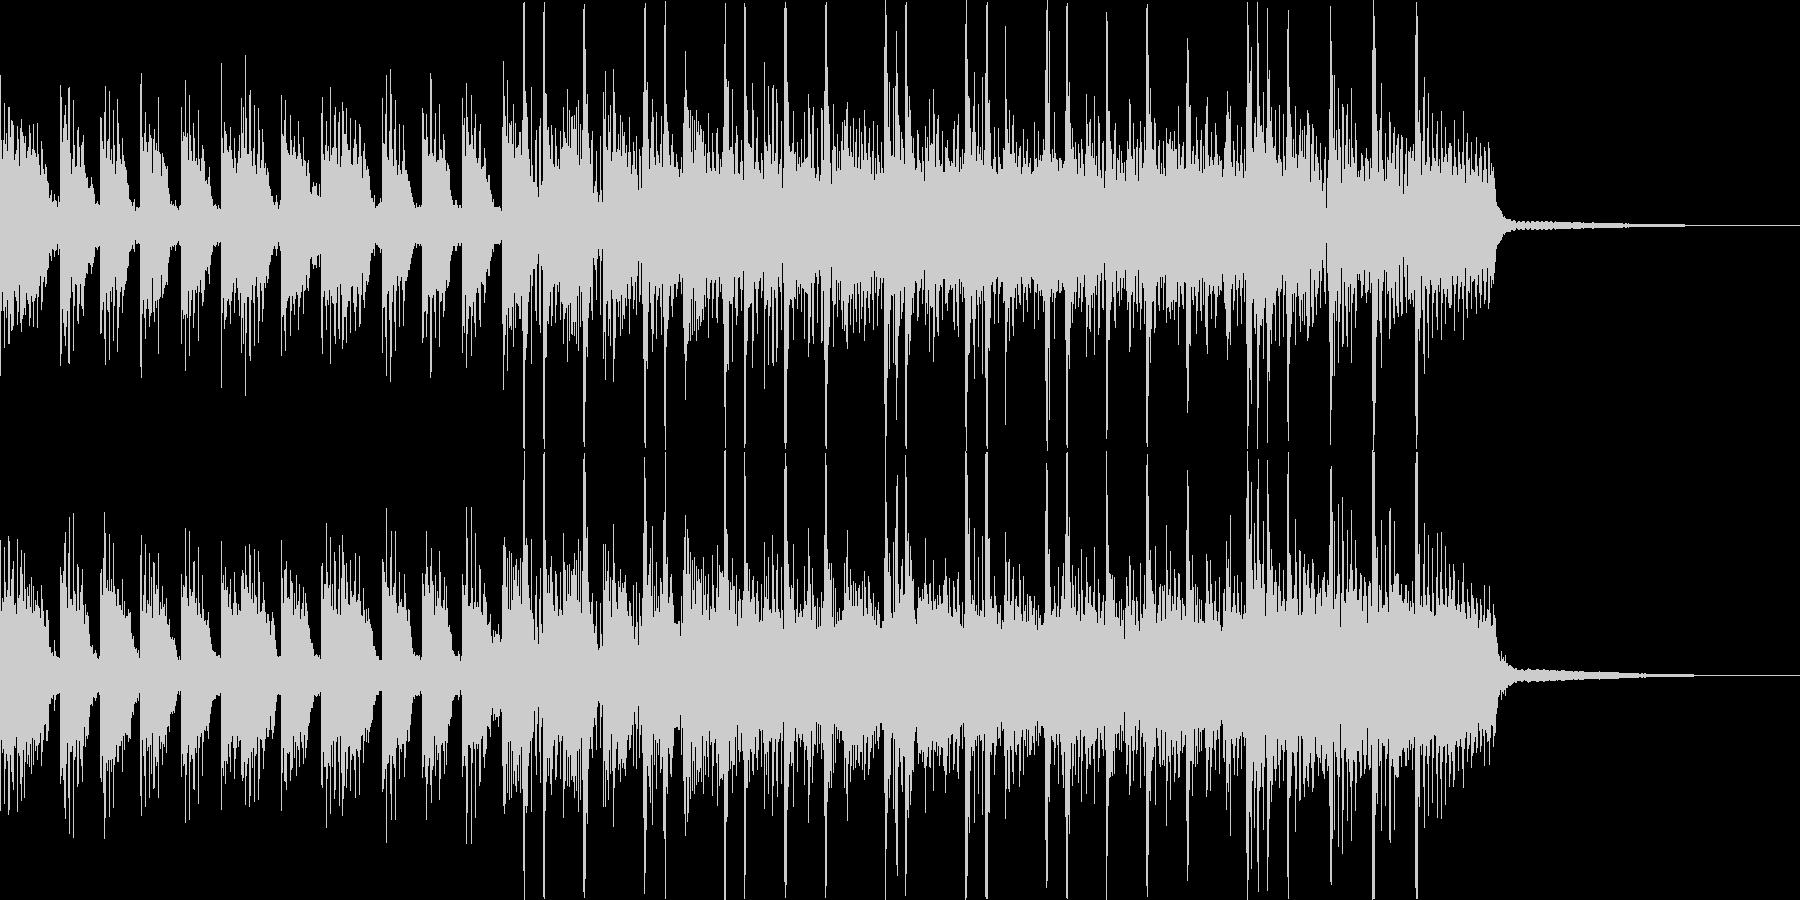 ヘヴィでアグレッシブなジングルその3の未再生の波形